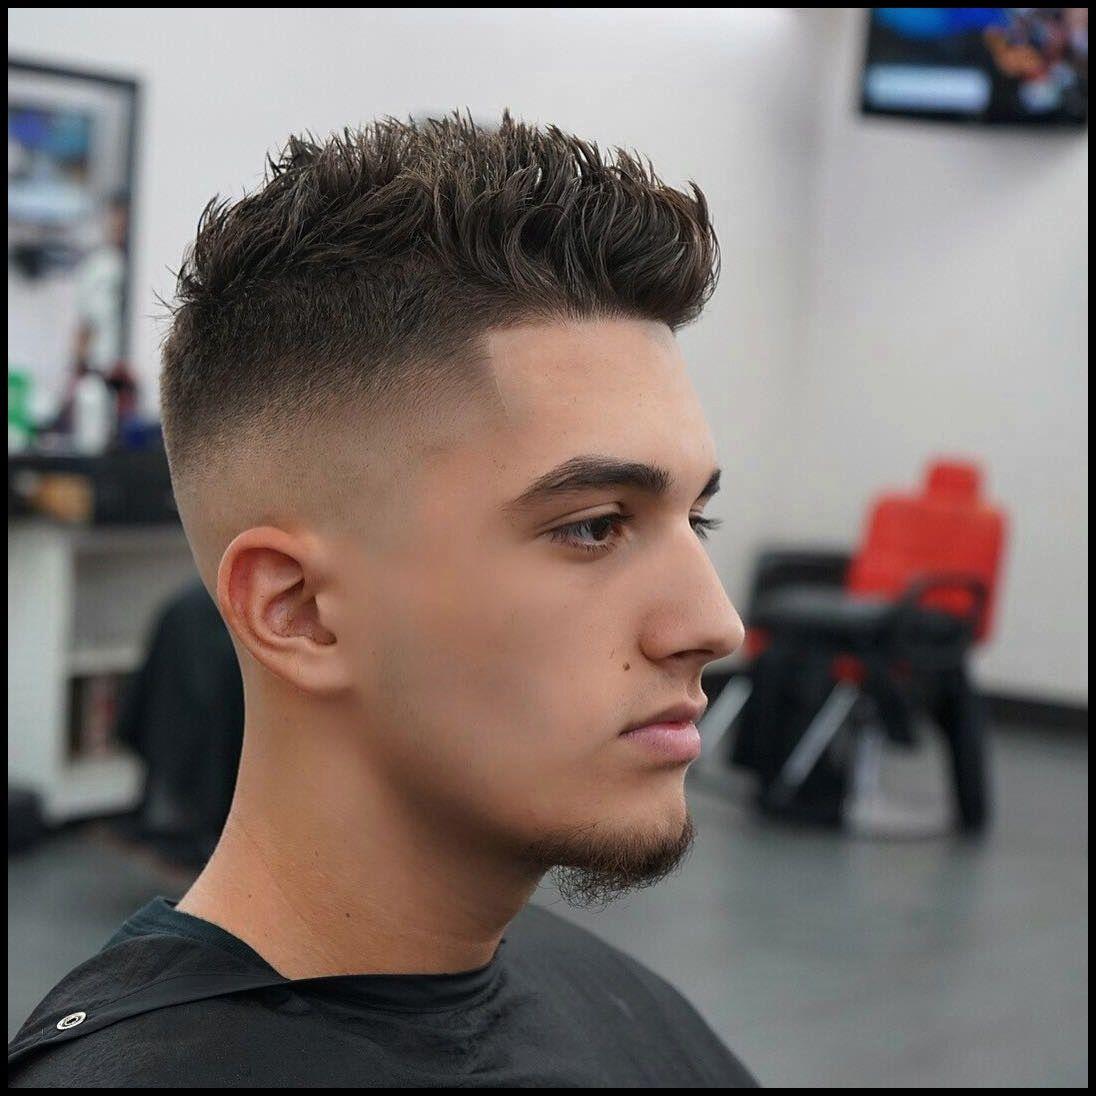 31 New Hairstyles For Men 2021 Guide 3: 49 K Hle Kurze Frisuren Und Haarschnitte F R M Nner